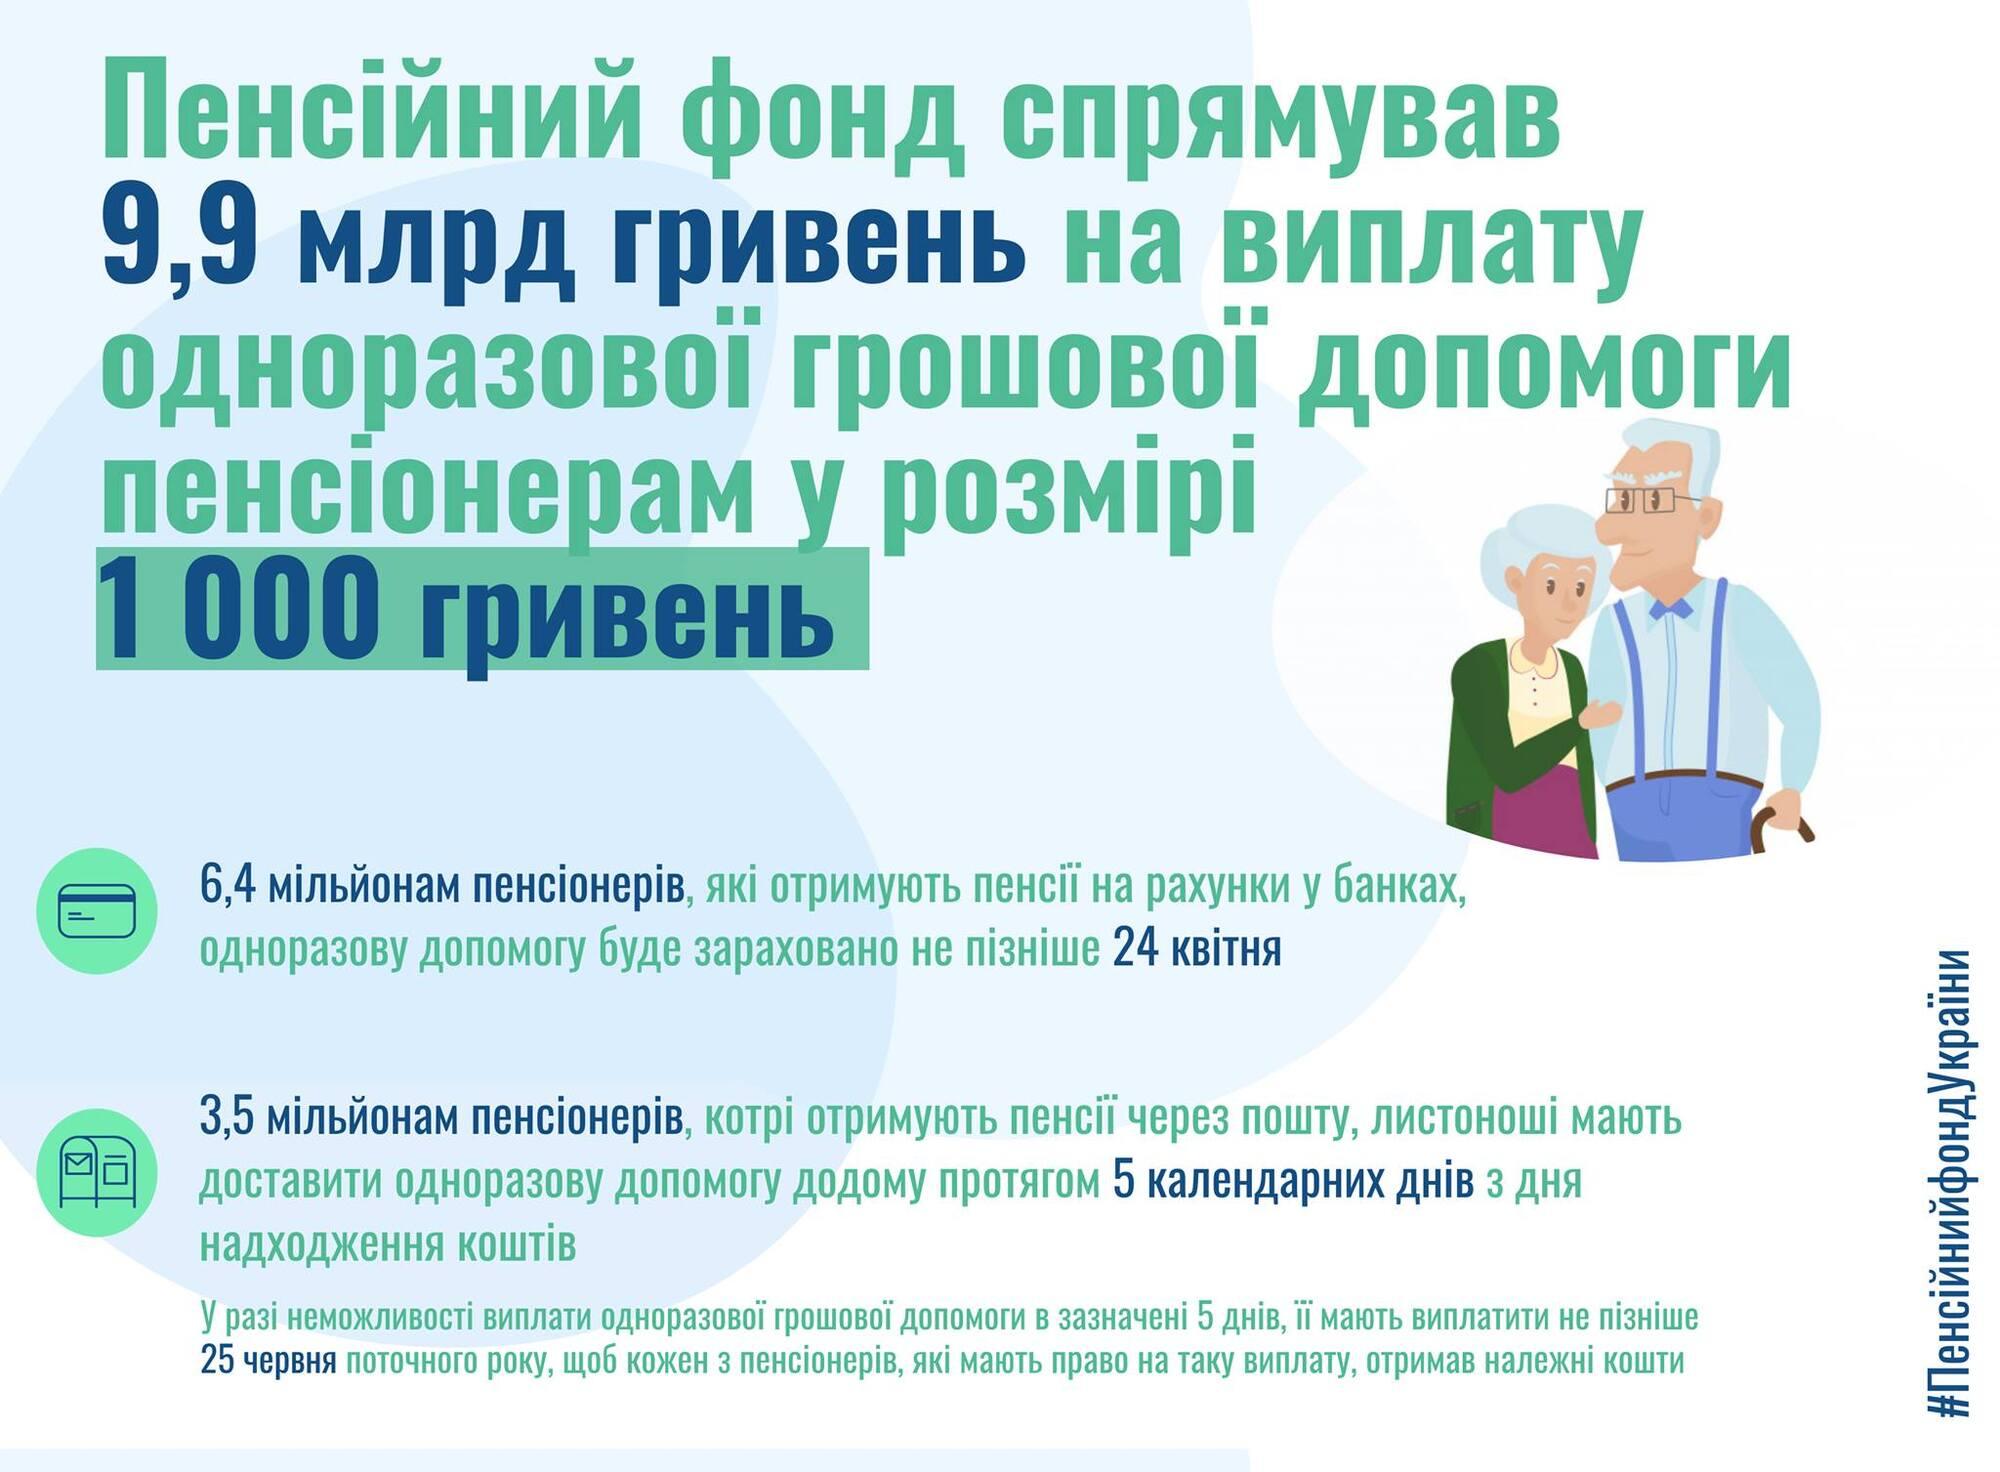 Выплата 1000 гривен пенсионерам